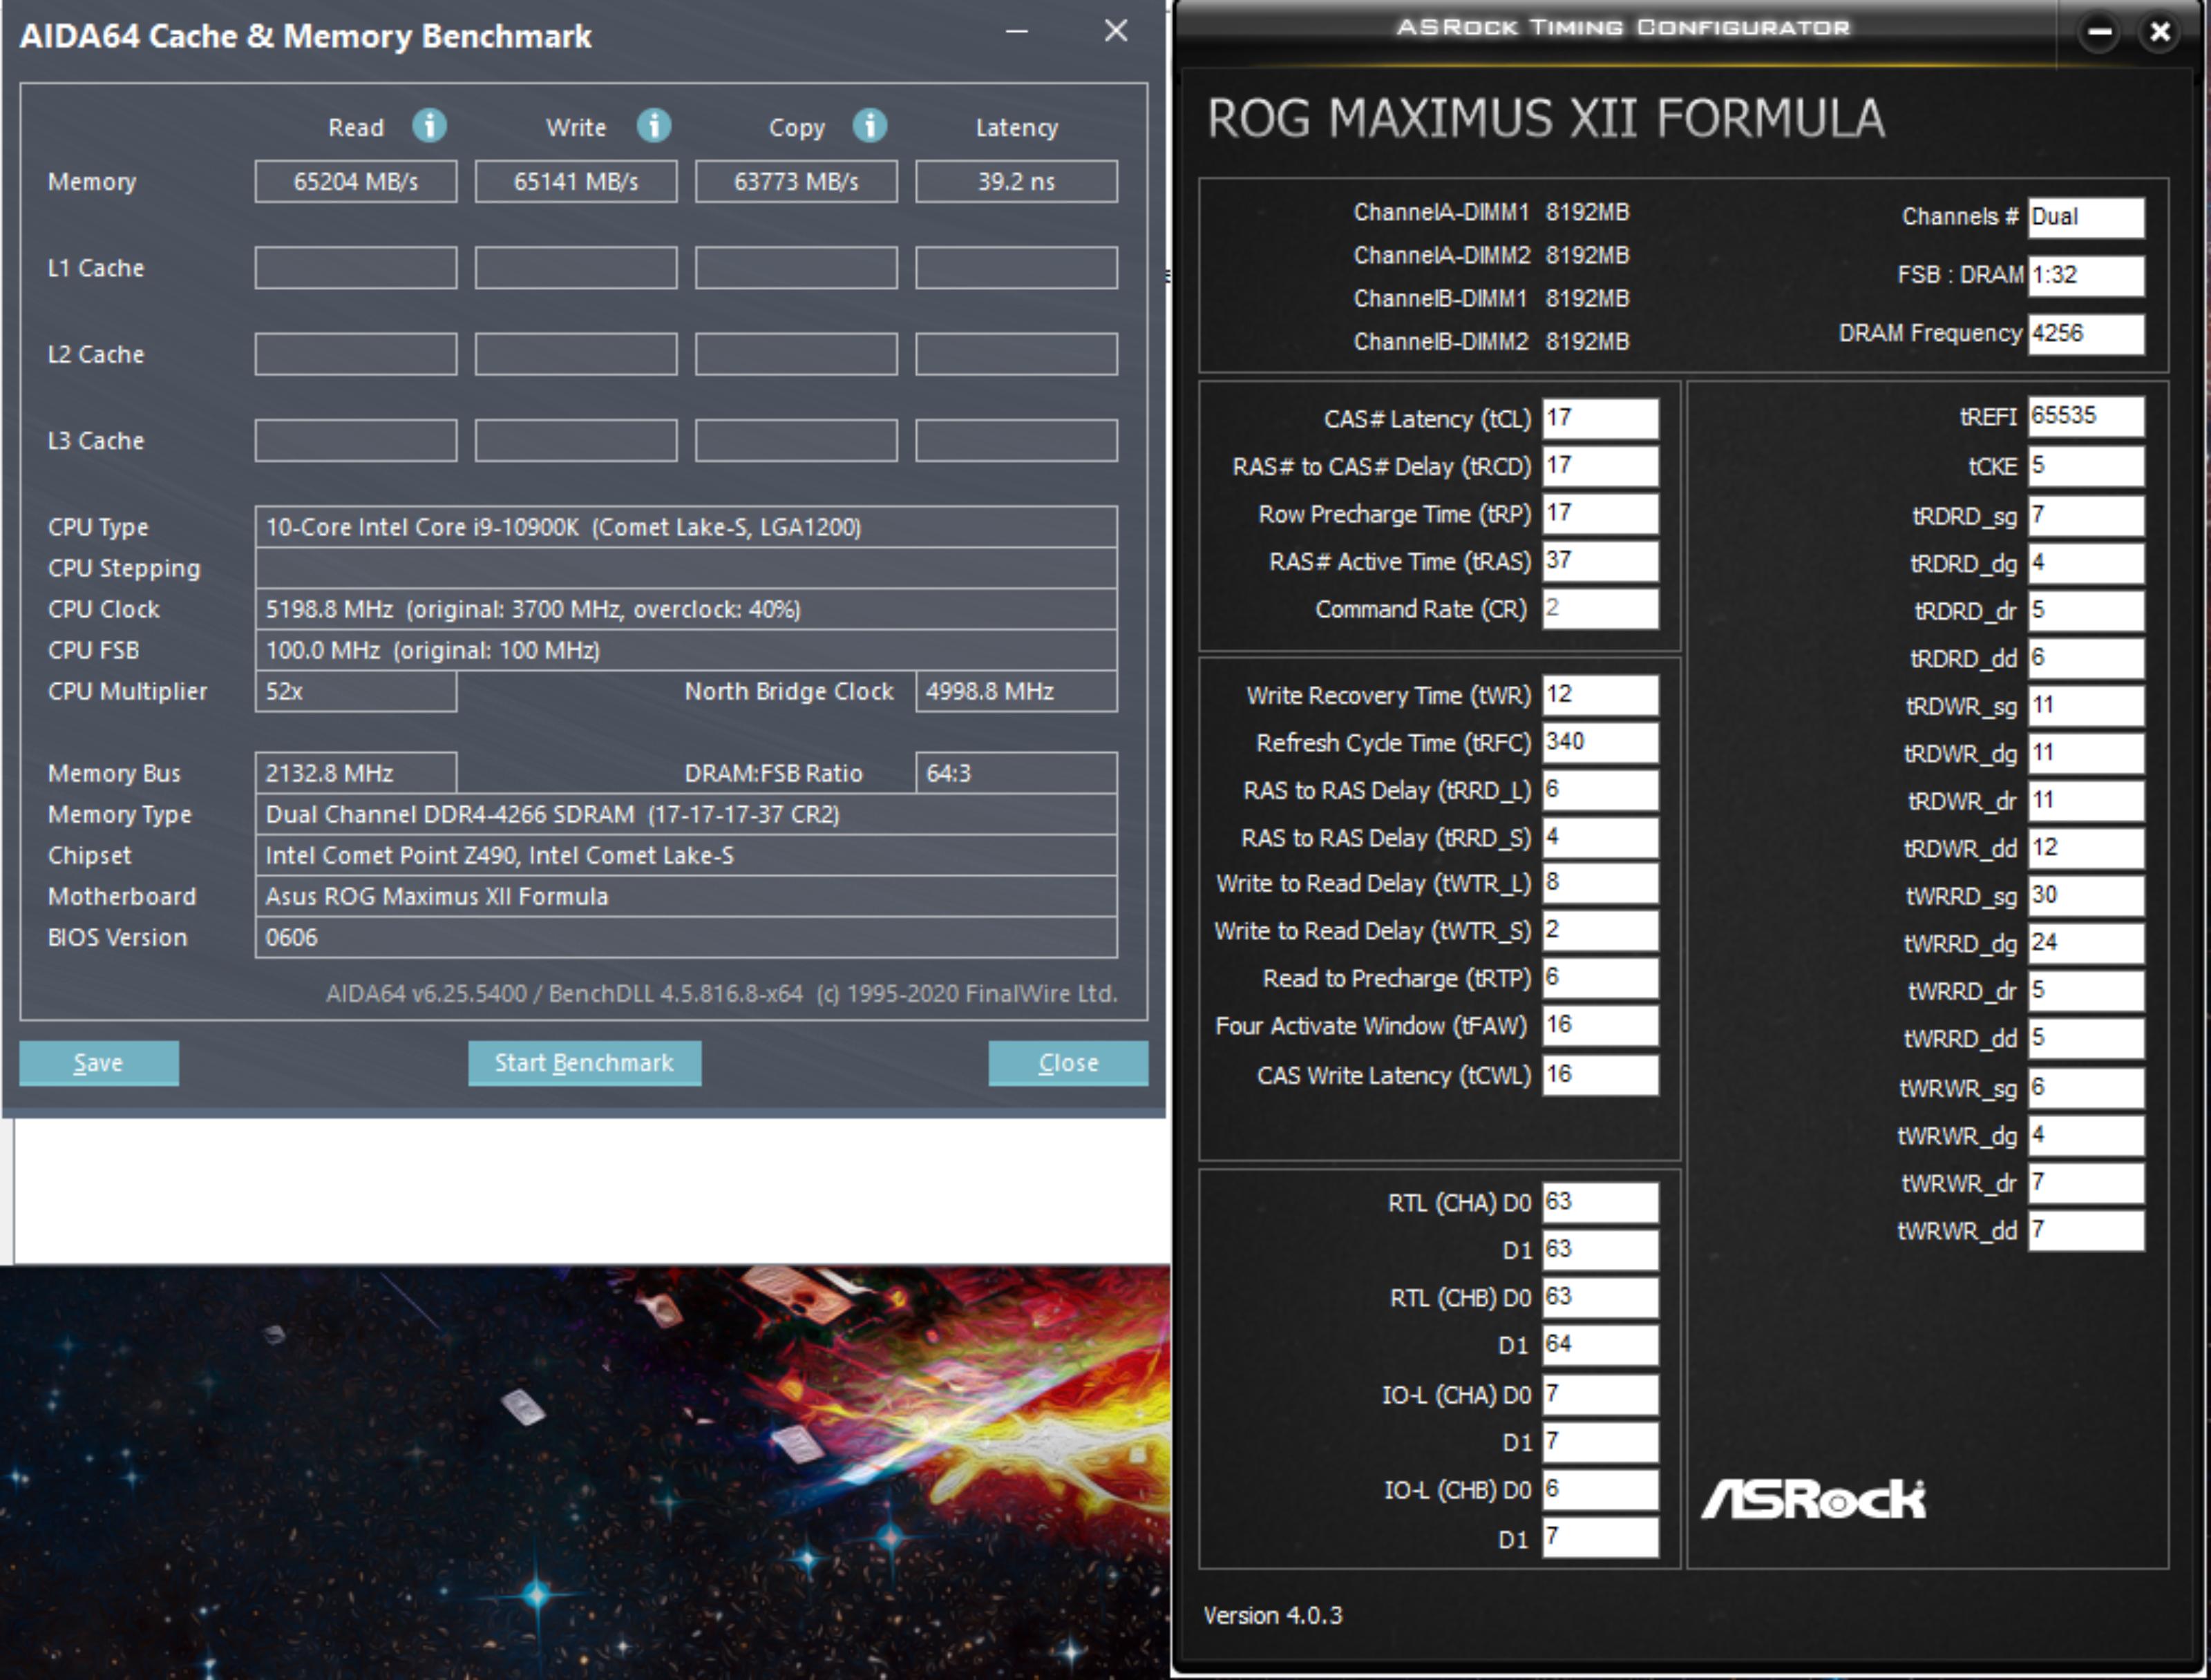 Esental-5.2GHz-5.0GHz-Cache-1.43V(1.279v)_350kHz_LLC5_4266-17-17-17-37-320-2T_Sek.png